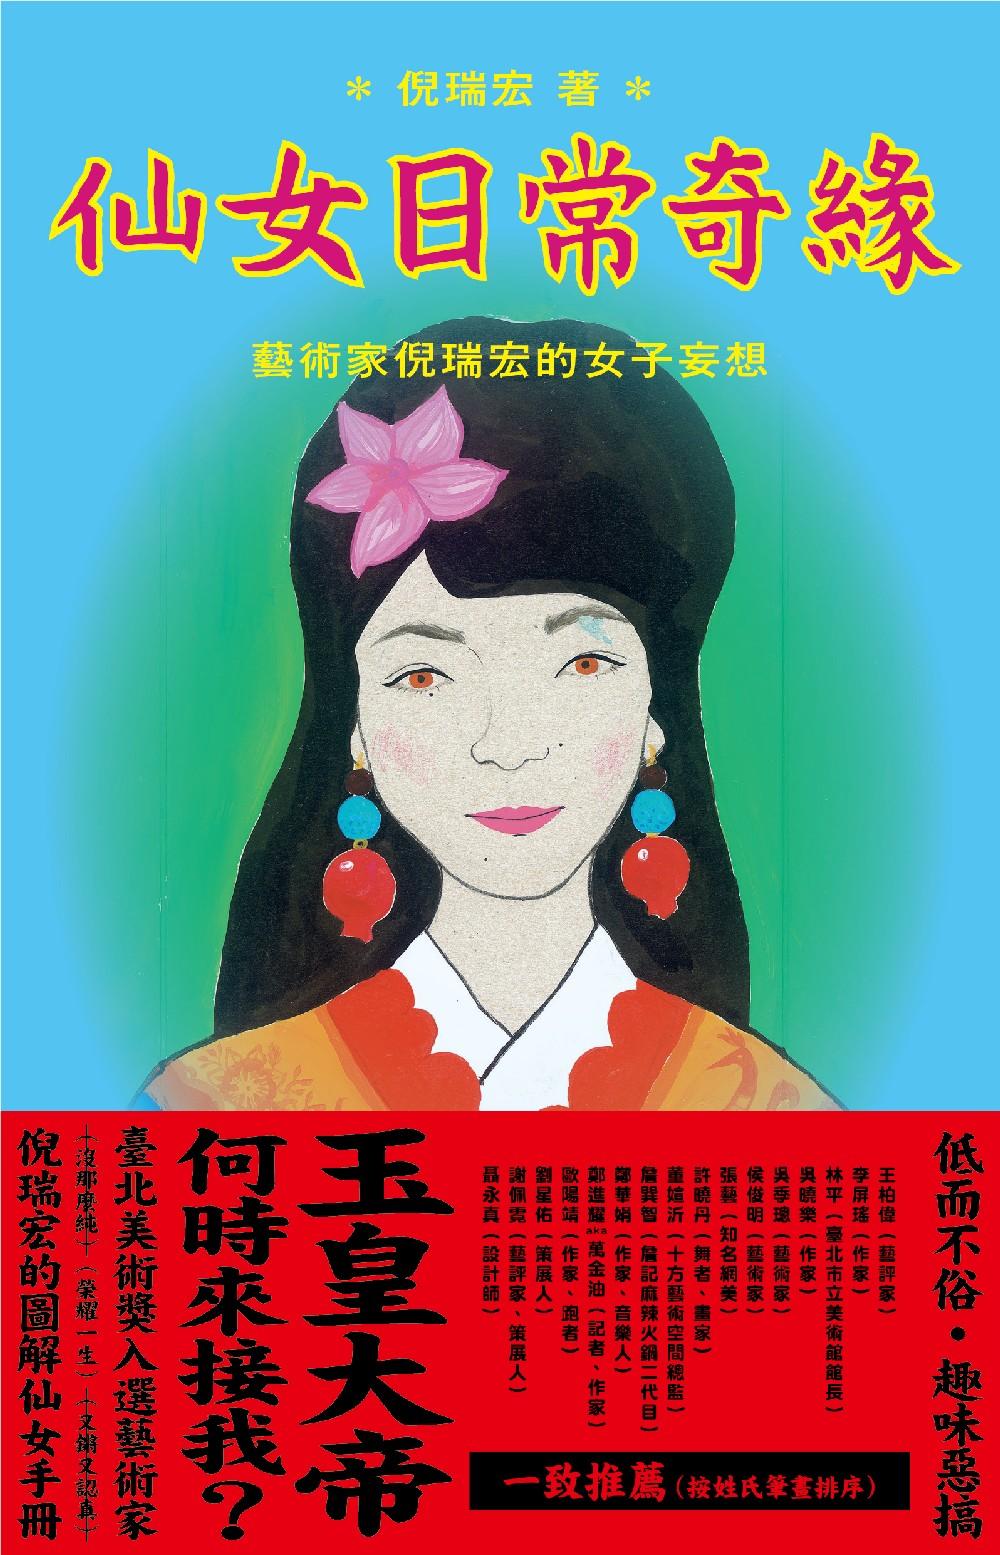 仙女日常奇緣:藝術家倪瑞宏的女子妄想 (電子書)